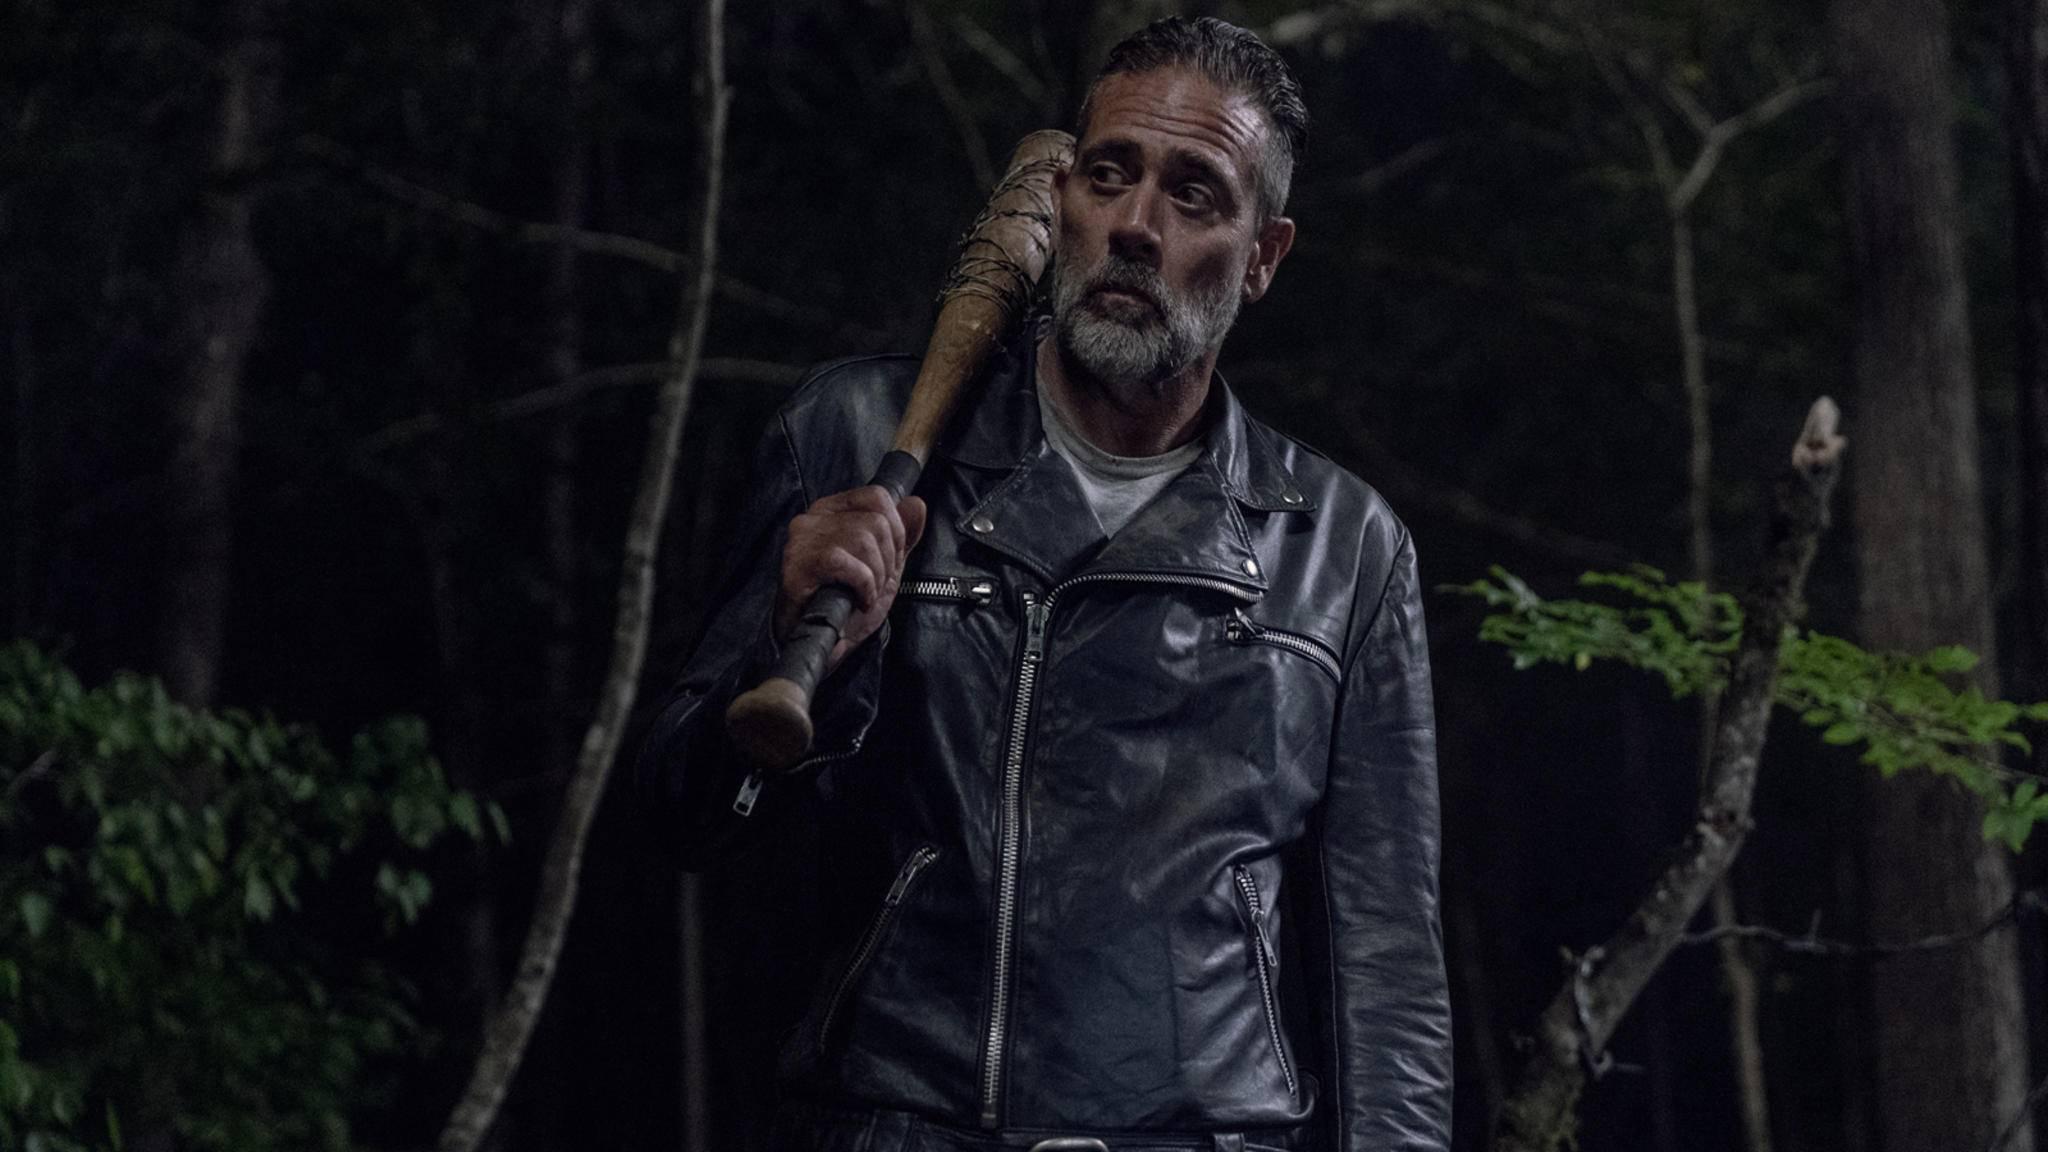 The Walking Dead-S10E05-Negan-Jace Downs-AMC-4